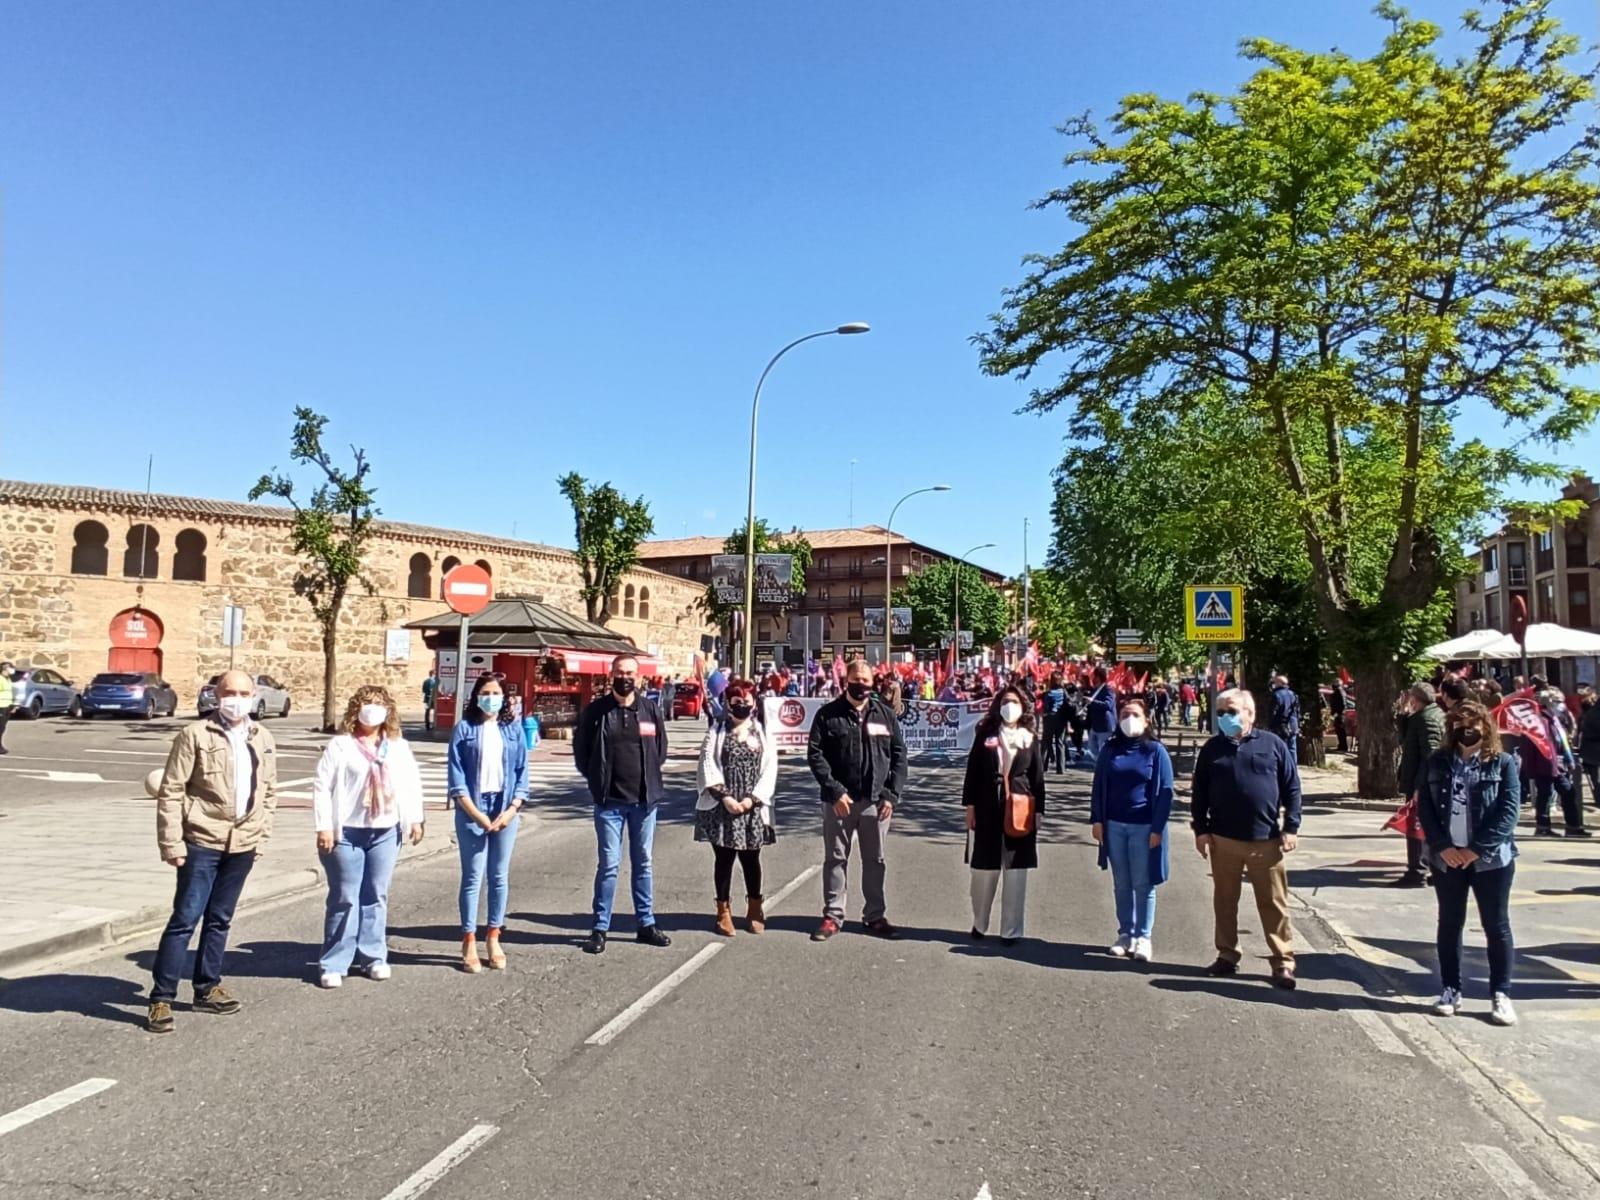 El equipo de Gobierno destaca este 1º de mayo la labor de los trabajadores en pandemia como motor económico del país